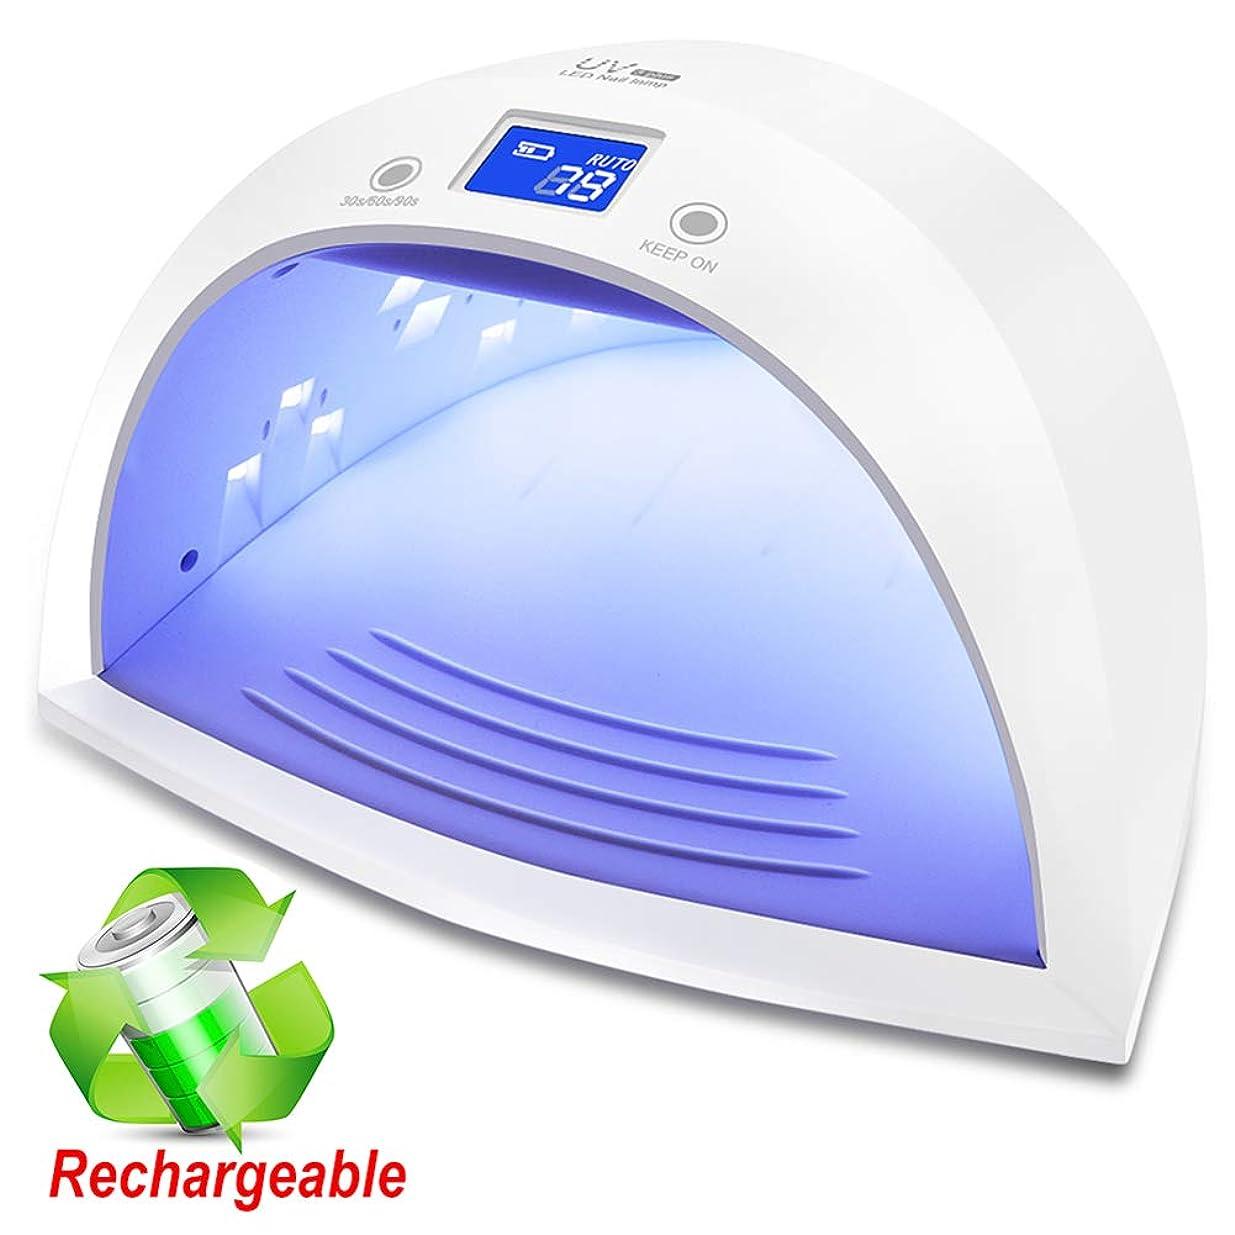 ファランクス話パッド60W プロフェッショナル UV LED ジェルネイルライトポリッシュ硬化乾燥機インテリジェント自動センサー3タイマー設定 30/60/90 ホワイト